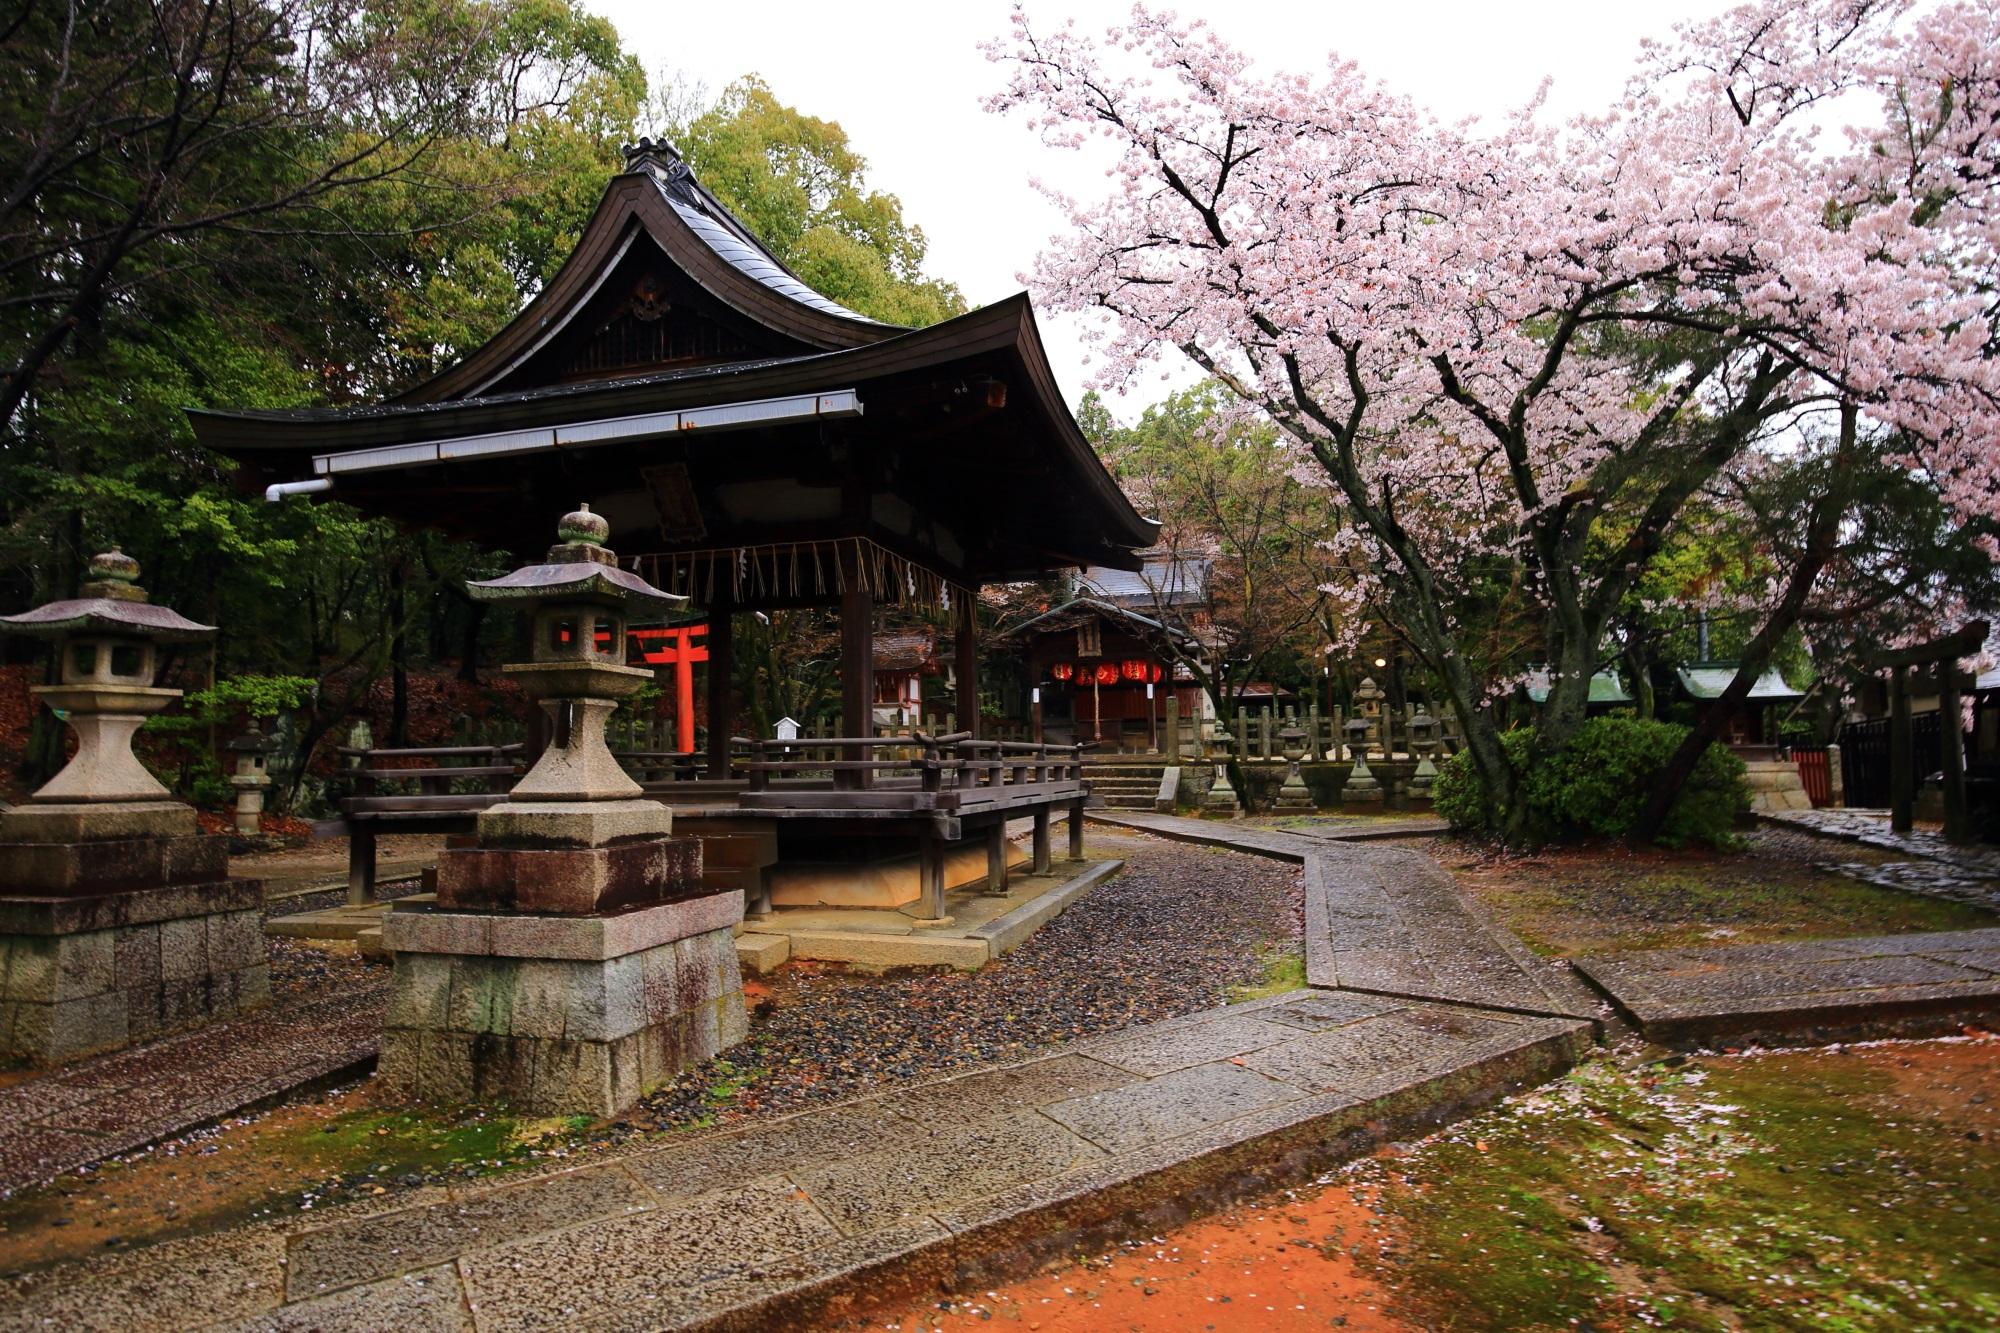 竹中稲荷神社の拝殿と本殿と満開の桜